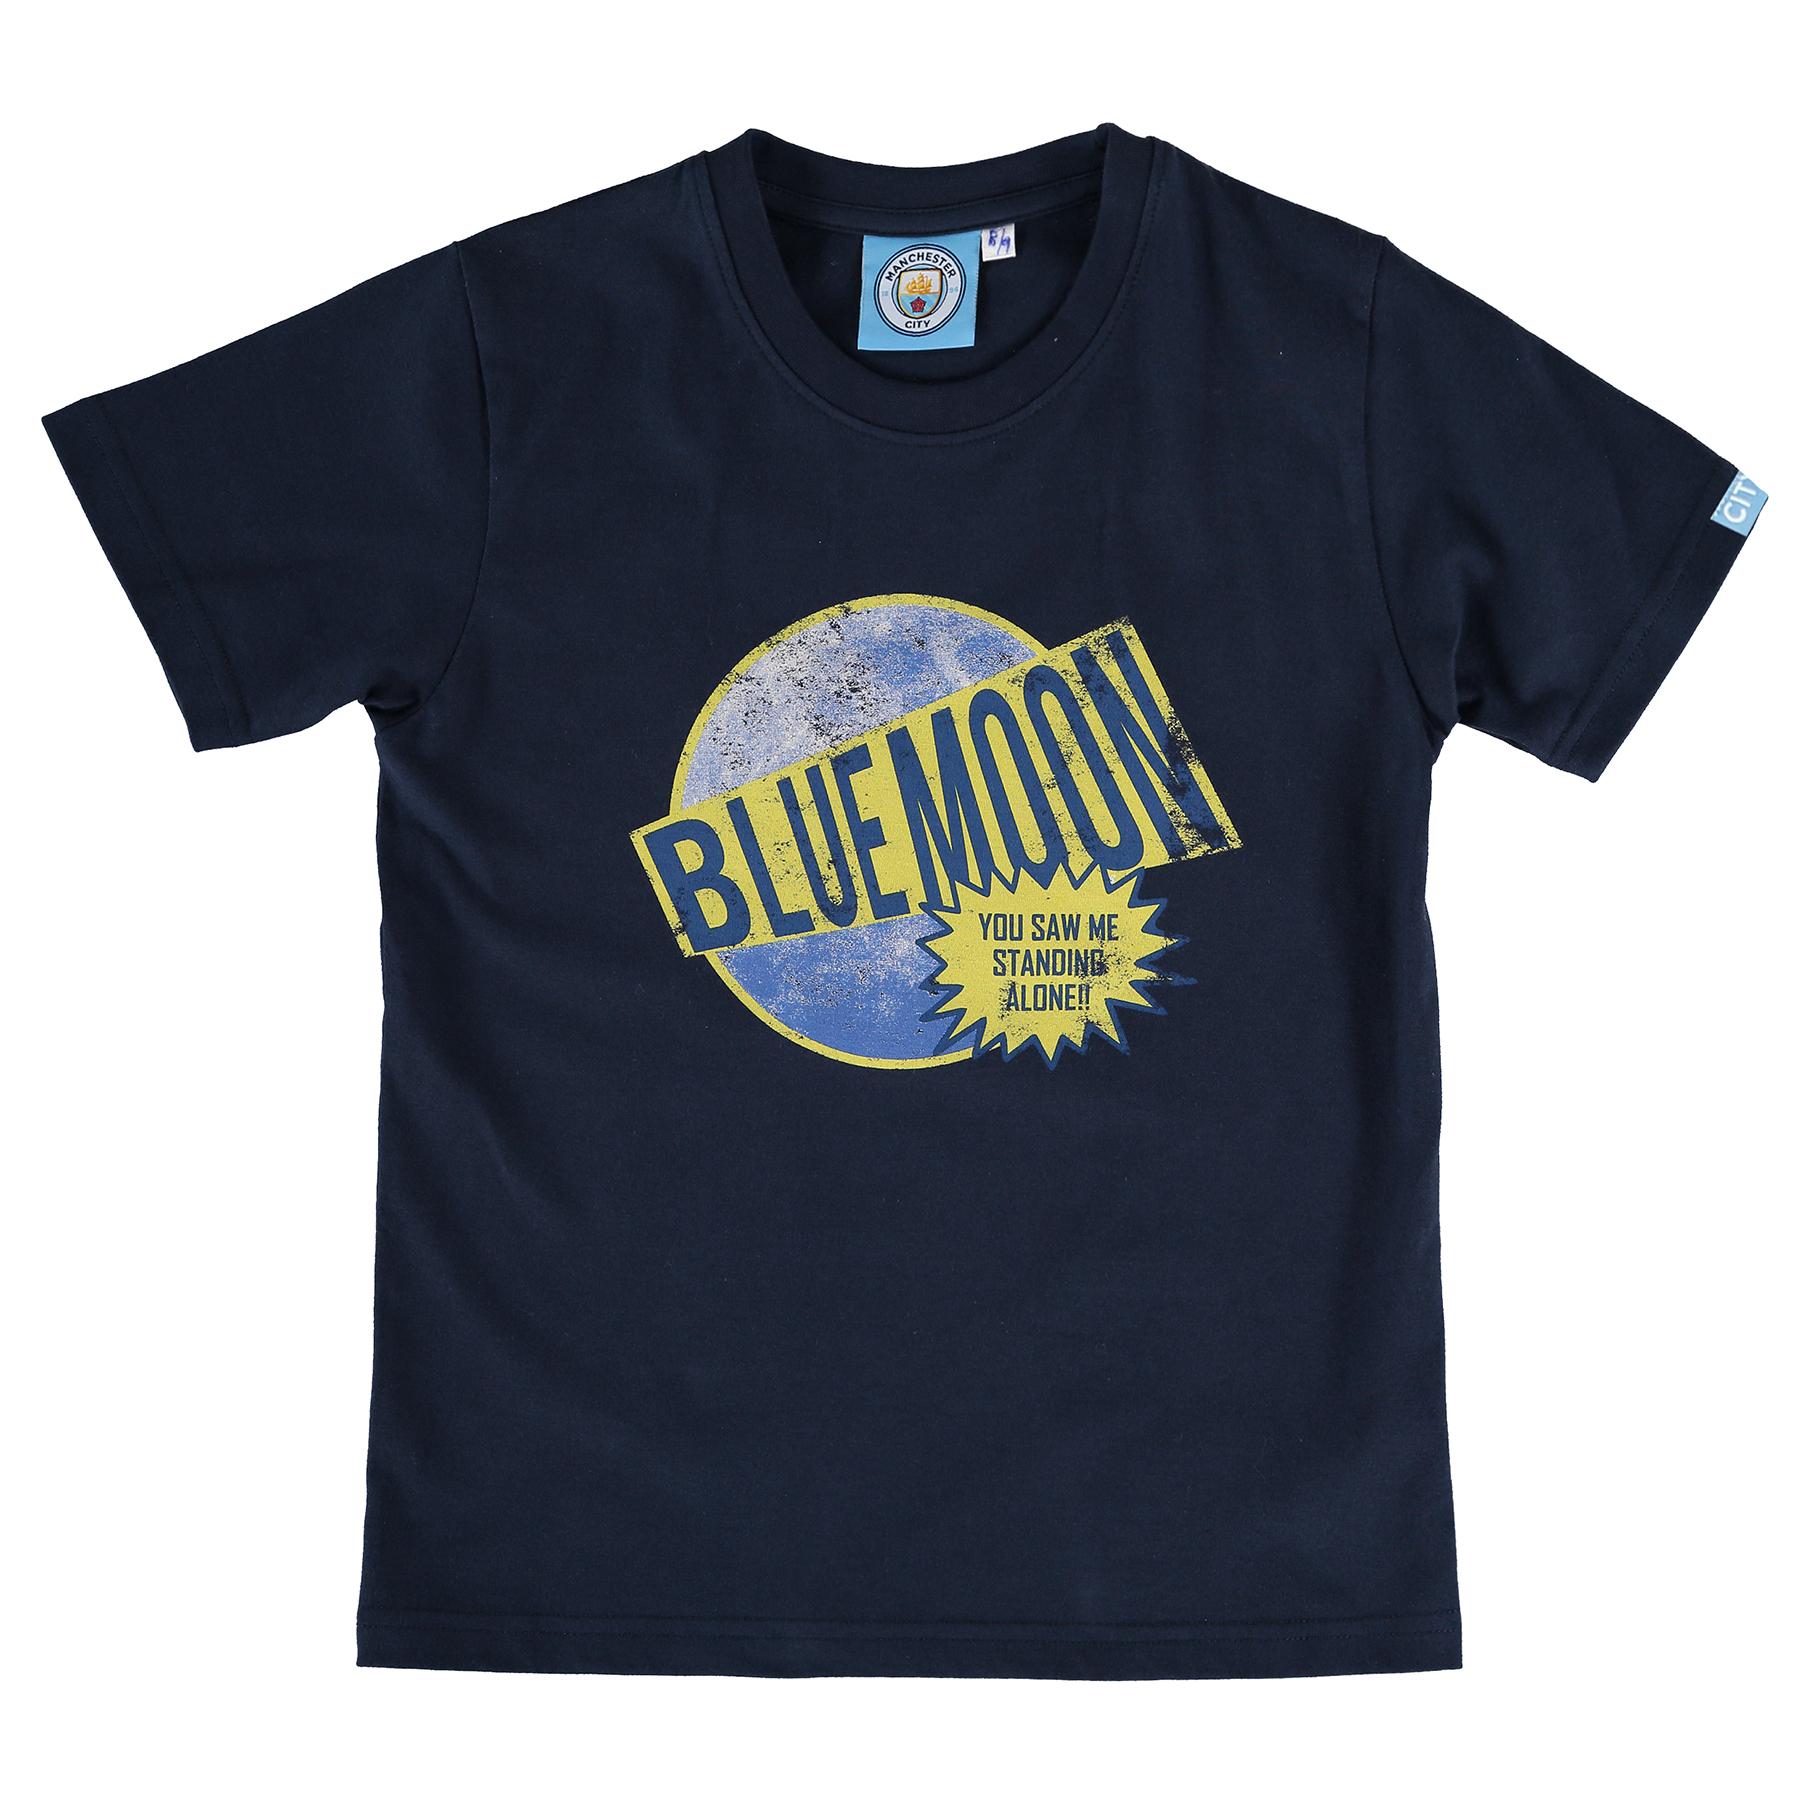 Manchester City Blue Moon T-Shirt - Navy - Junior